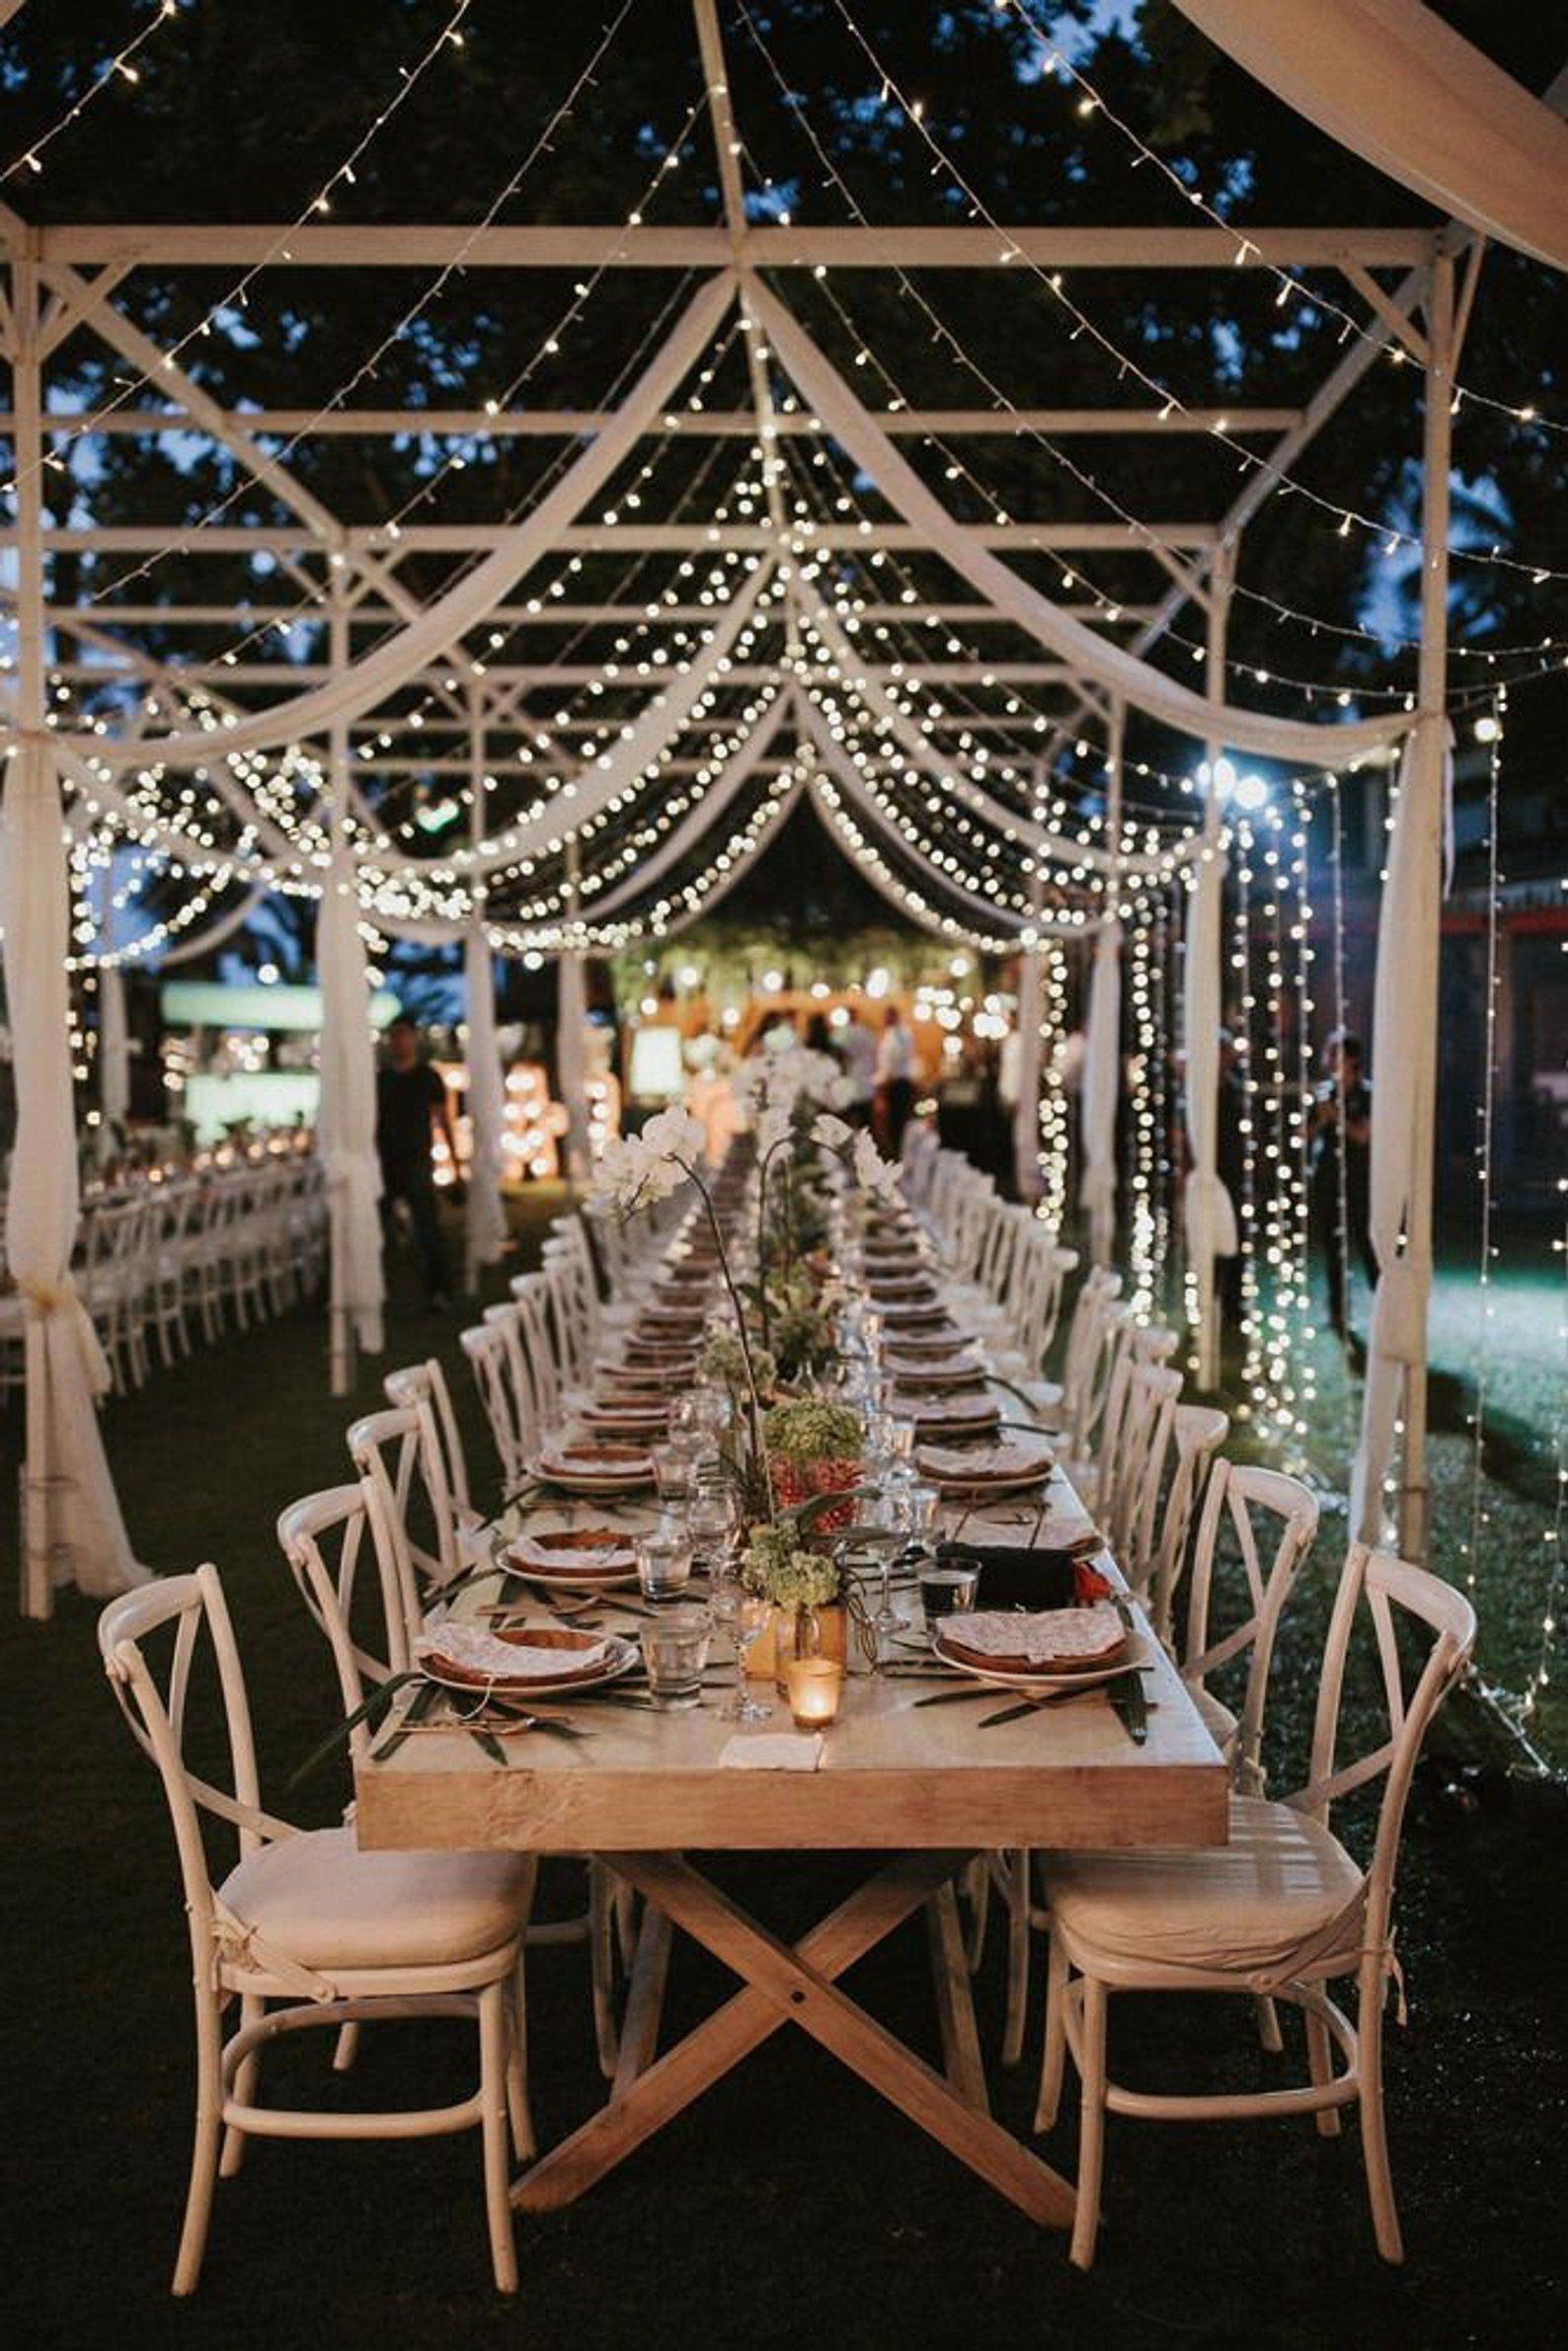 How To Save Money On Your Wedding Ceremony And Reception In 2020 Hochzeit Beleuchtung Hochzeitsideen Im Freien Hochzeit Tischdekorartion